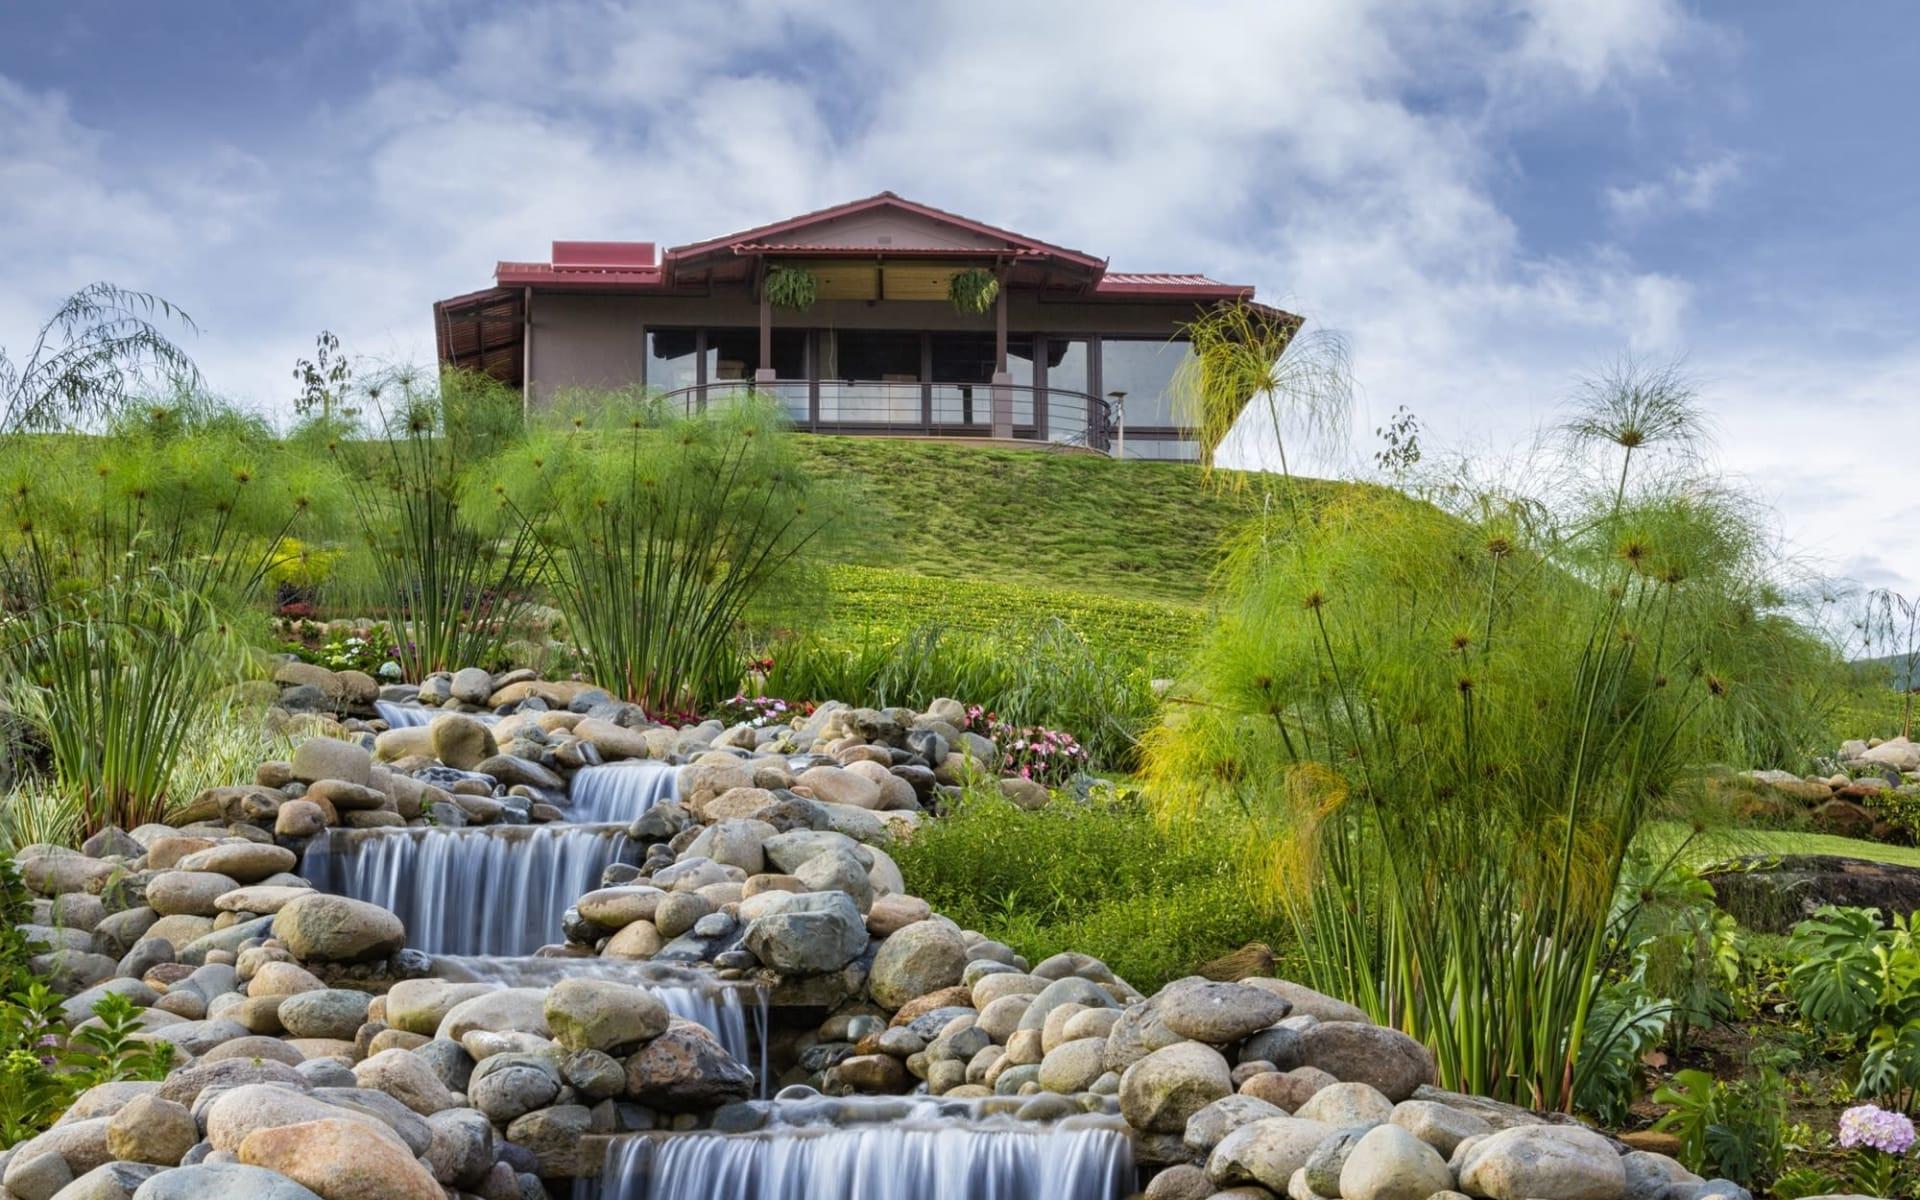 Hacienda AltaGracia in Perez Zeledon:  @HAGCasitaWaterfalls_02